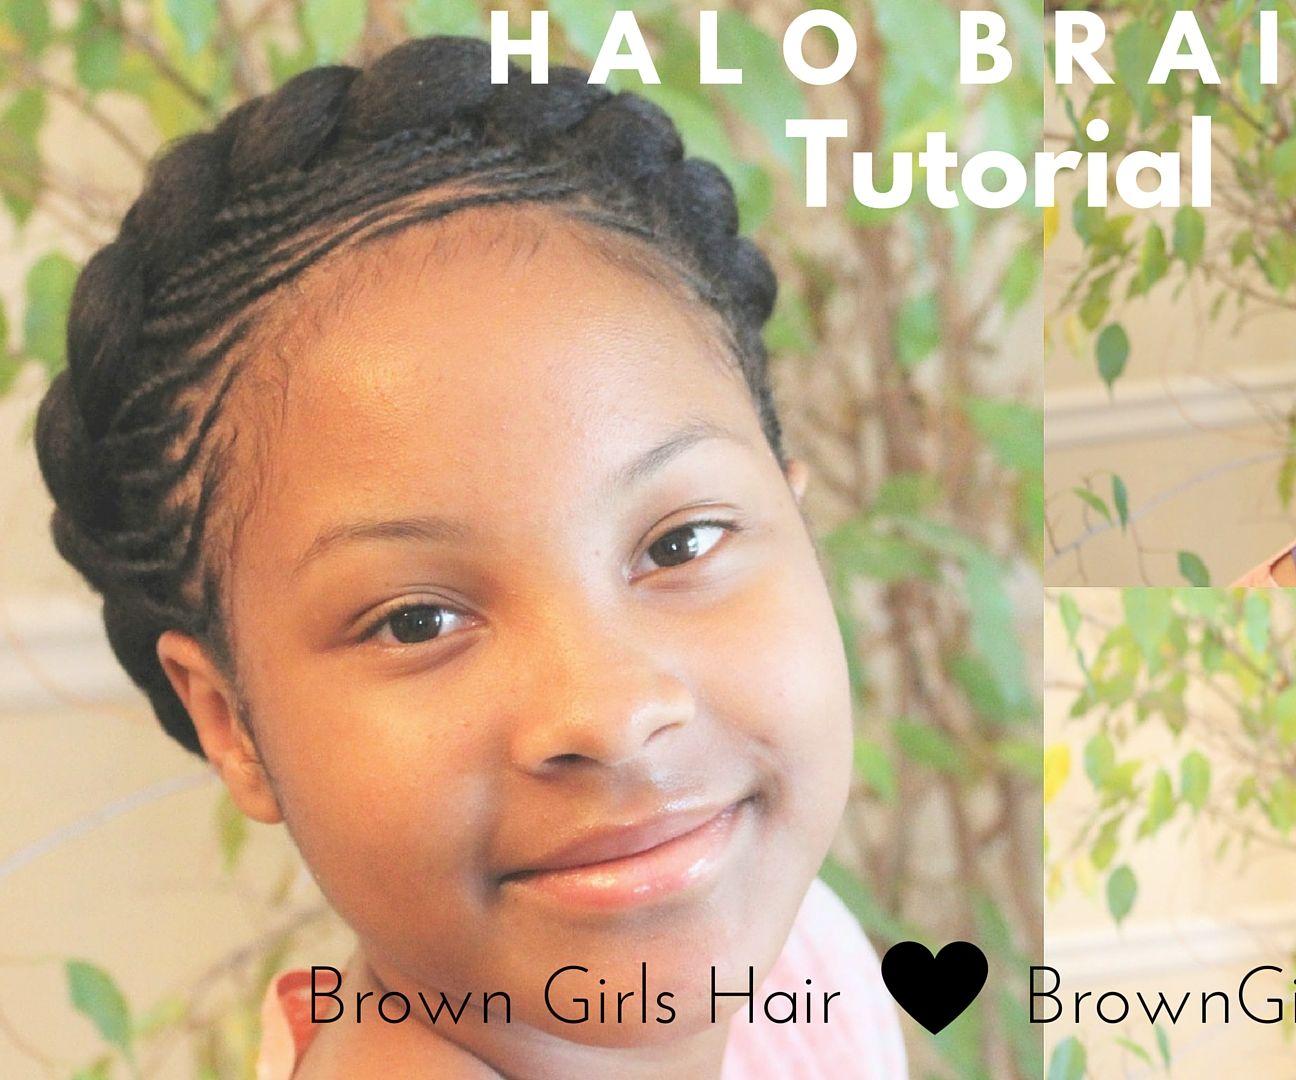 Halo Braids Hair Tutorial